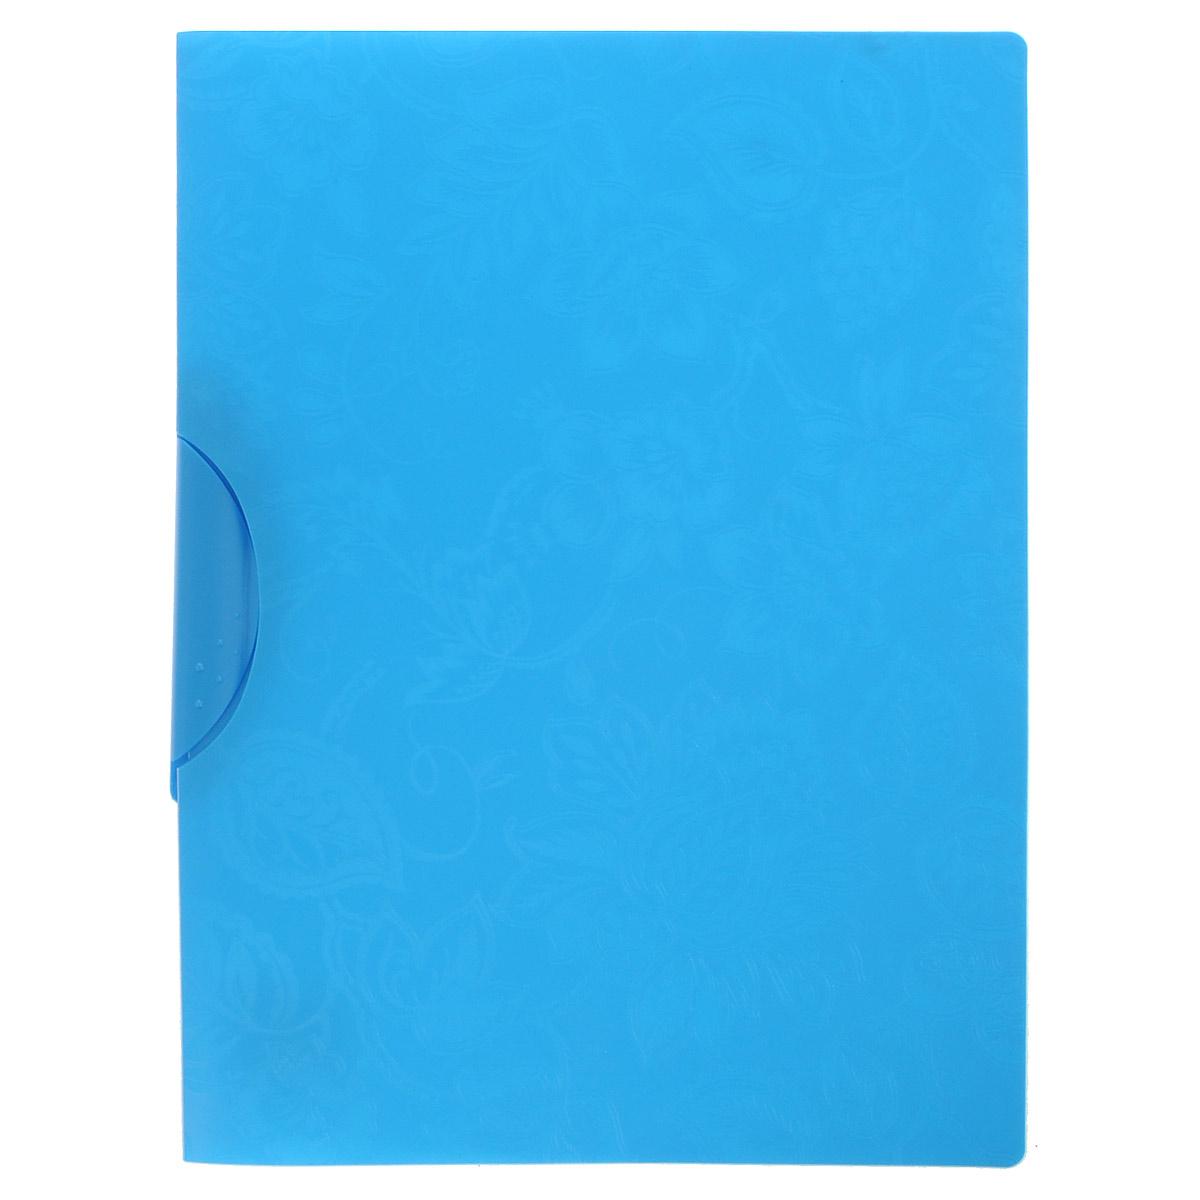 Папка с клипом Centrum Лотос, цвет: голубой, формат А4AFZA5-4Папка с клипом Centrum Лотос - это удобный и практичный офисный инструмент, предназначенный для хранения и транспортировки неперфорированных рабочих бумаг и документов формата А4. Она изготовлена из прочного пластика и оснащена боковым поворотным клипом, позволяющим фиксировать неперфорированные листы. Папка - это незаменимый атрибут для студента, школьника, офисного работника. Такая папка практична в использовании и надежно сохранит ваши документы и сбережет их от повреждений, пыли и влаги.